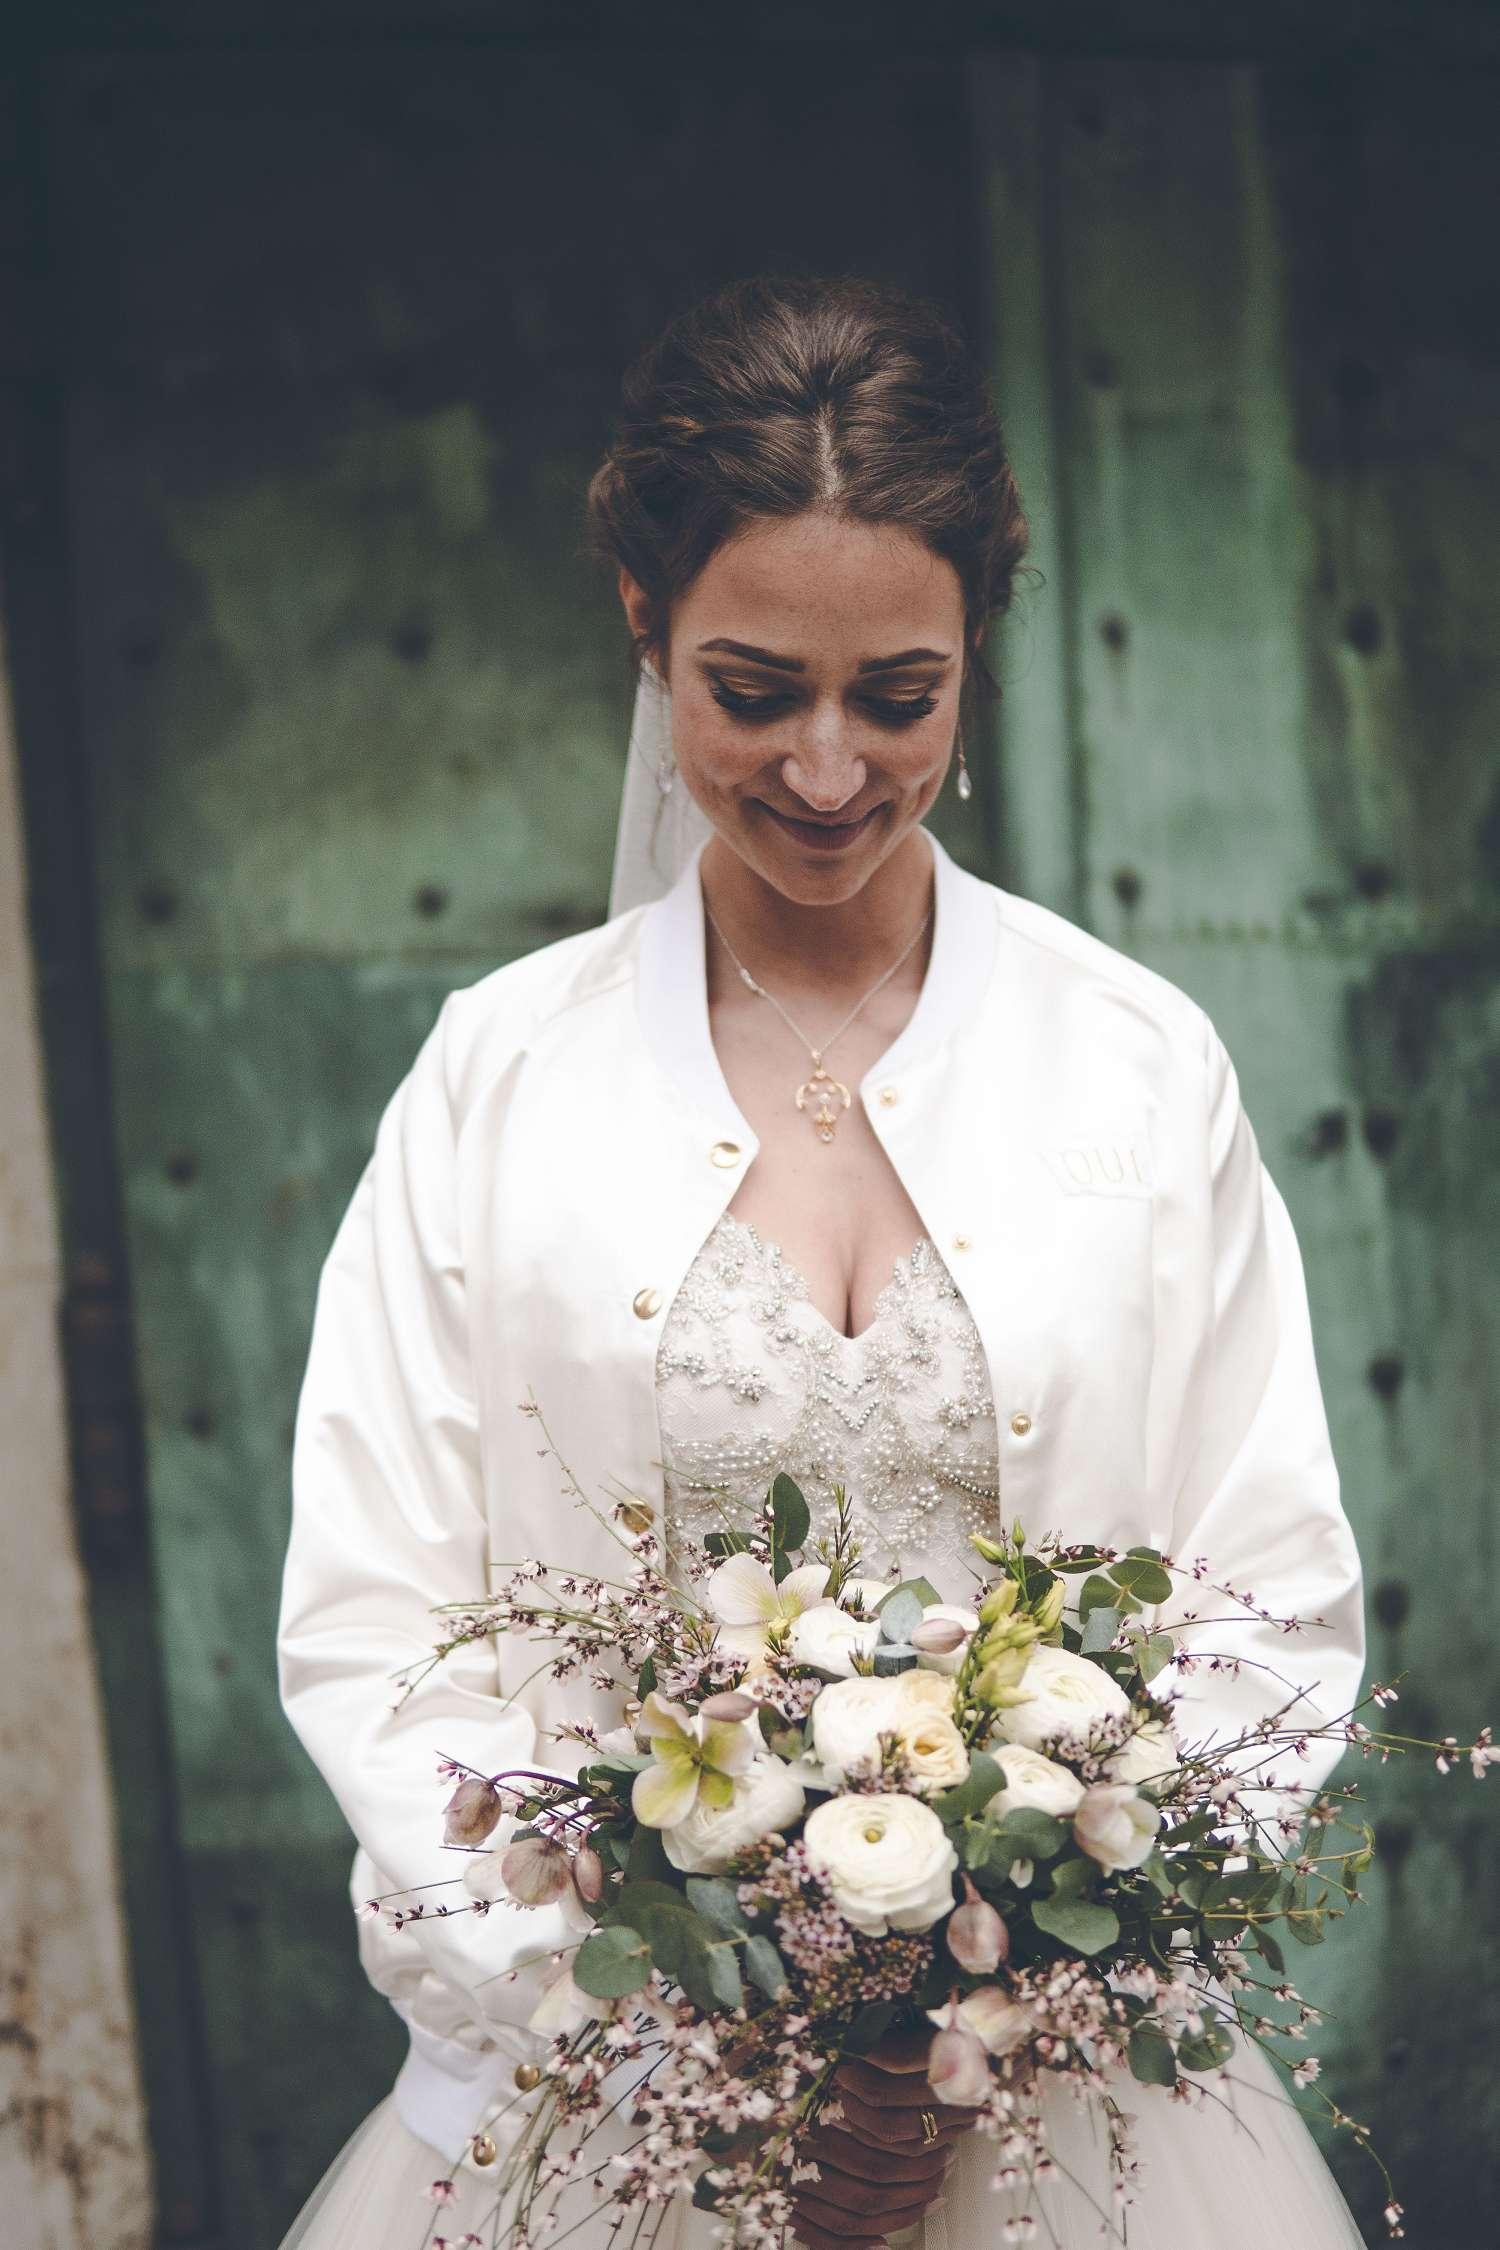 Eine hübsche Braut mit ihrem Blumenstrauß vor der Kirche